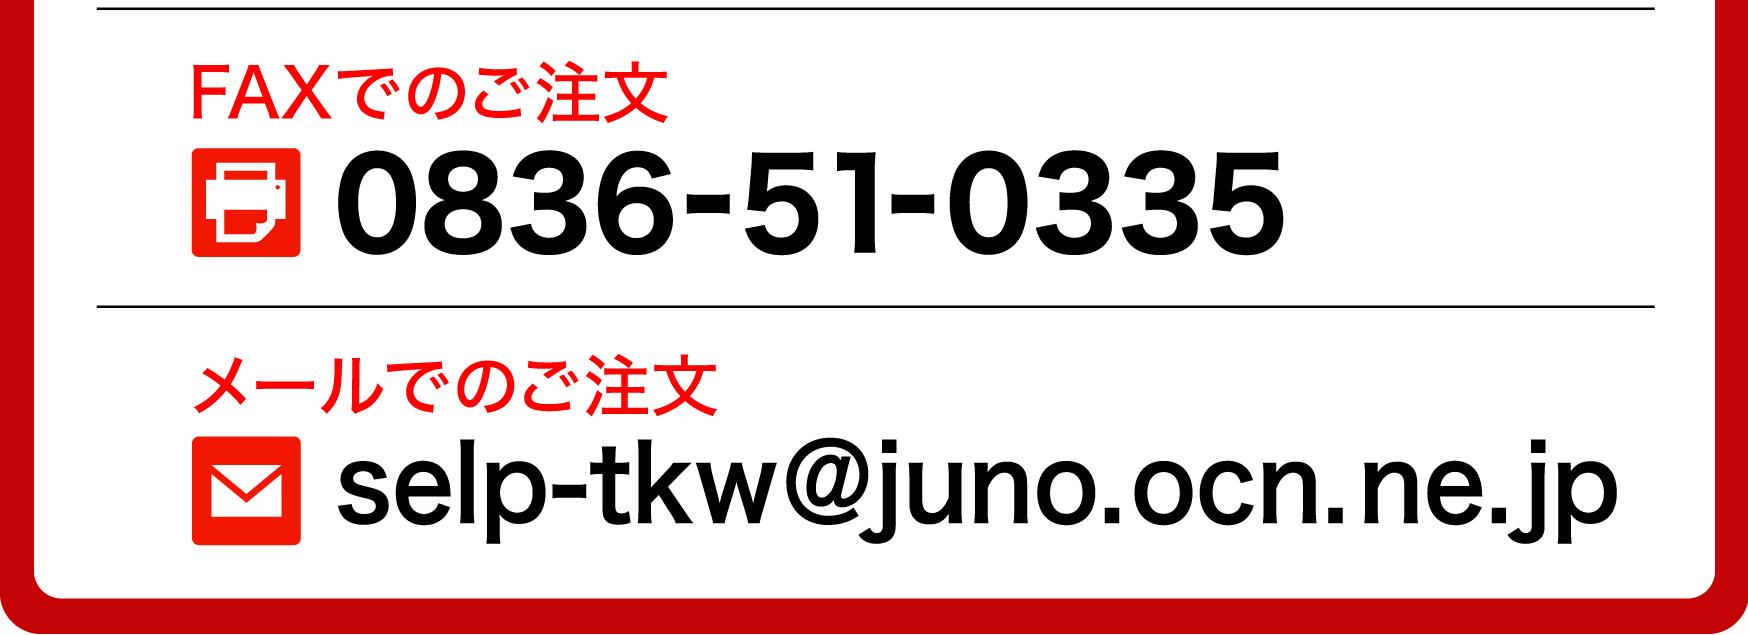 セルプときわFAX・メール問い合わせselp-tkw@juno.ocn.ne.jp